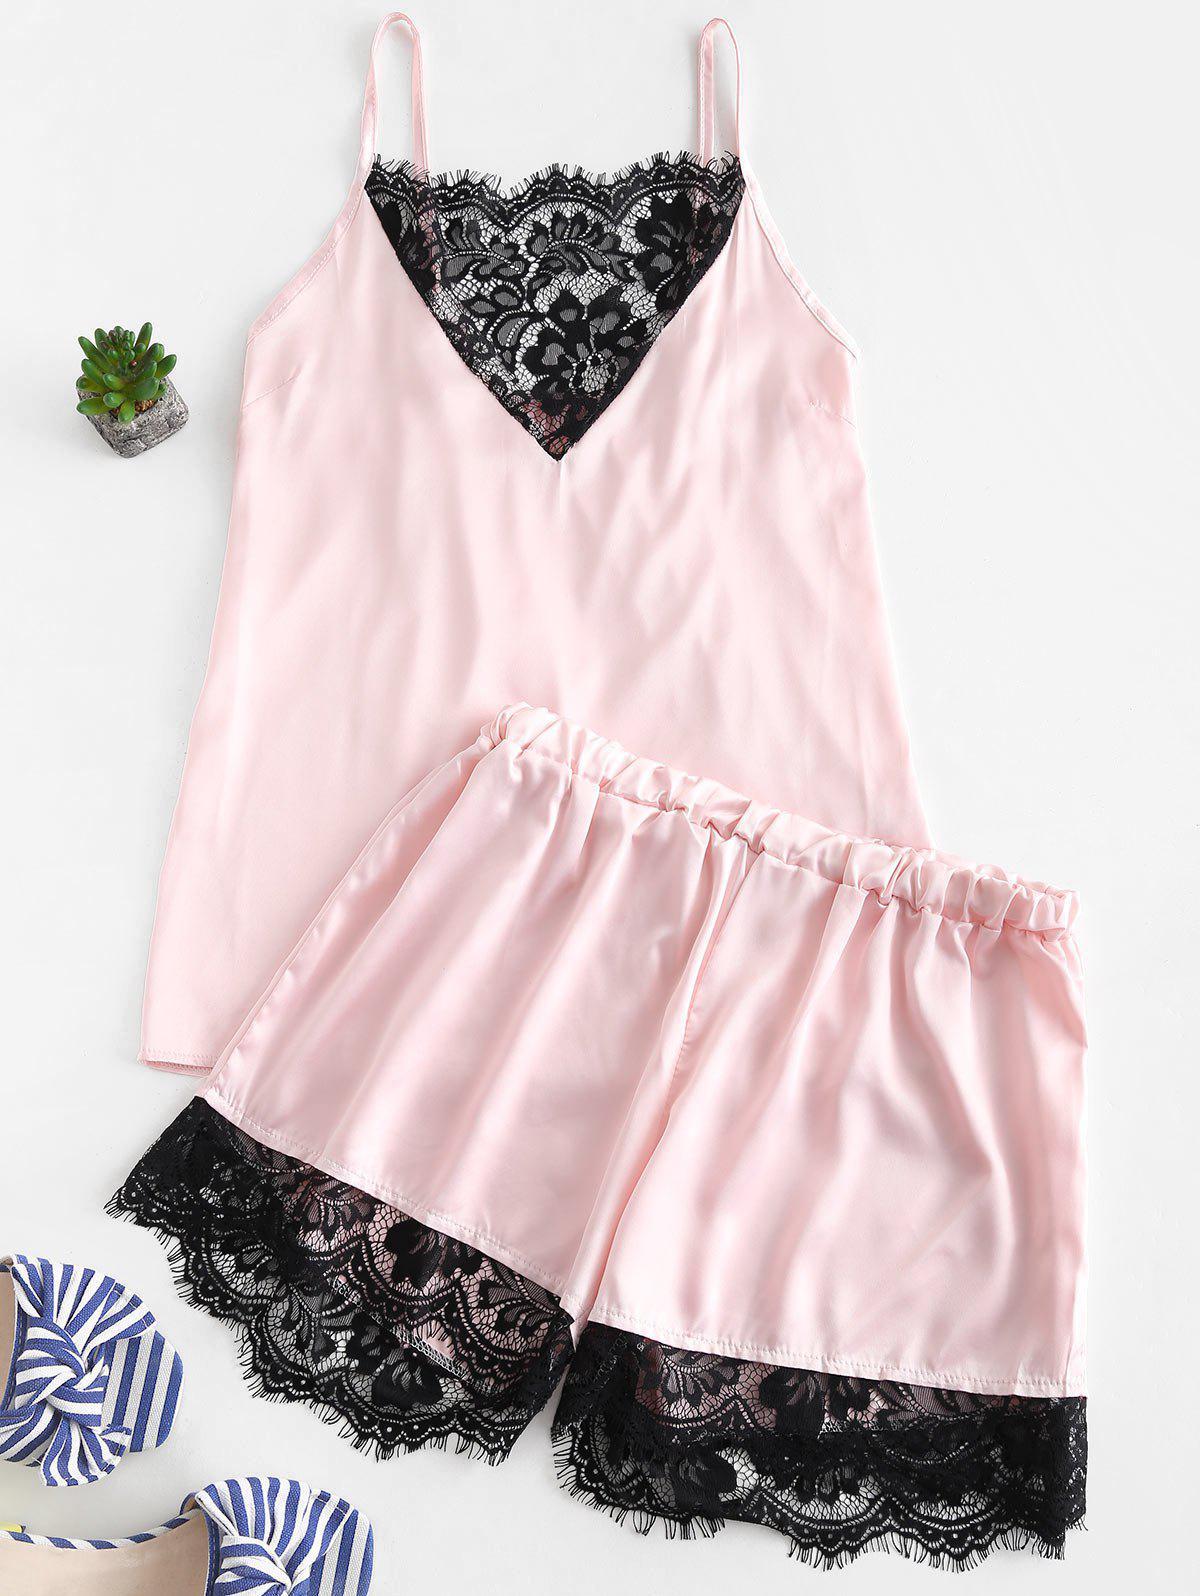 Lace Panel Satin Camisole and Shorts Pajama Set